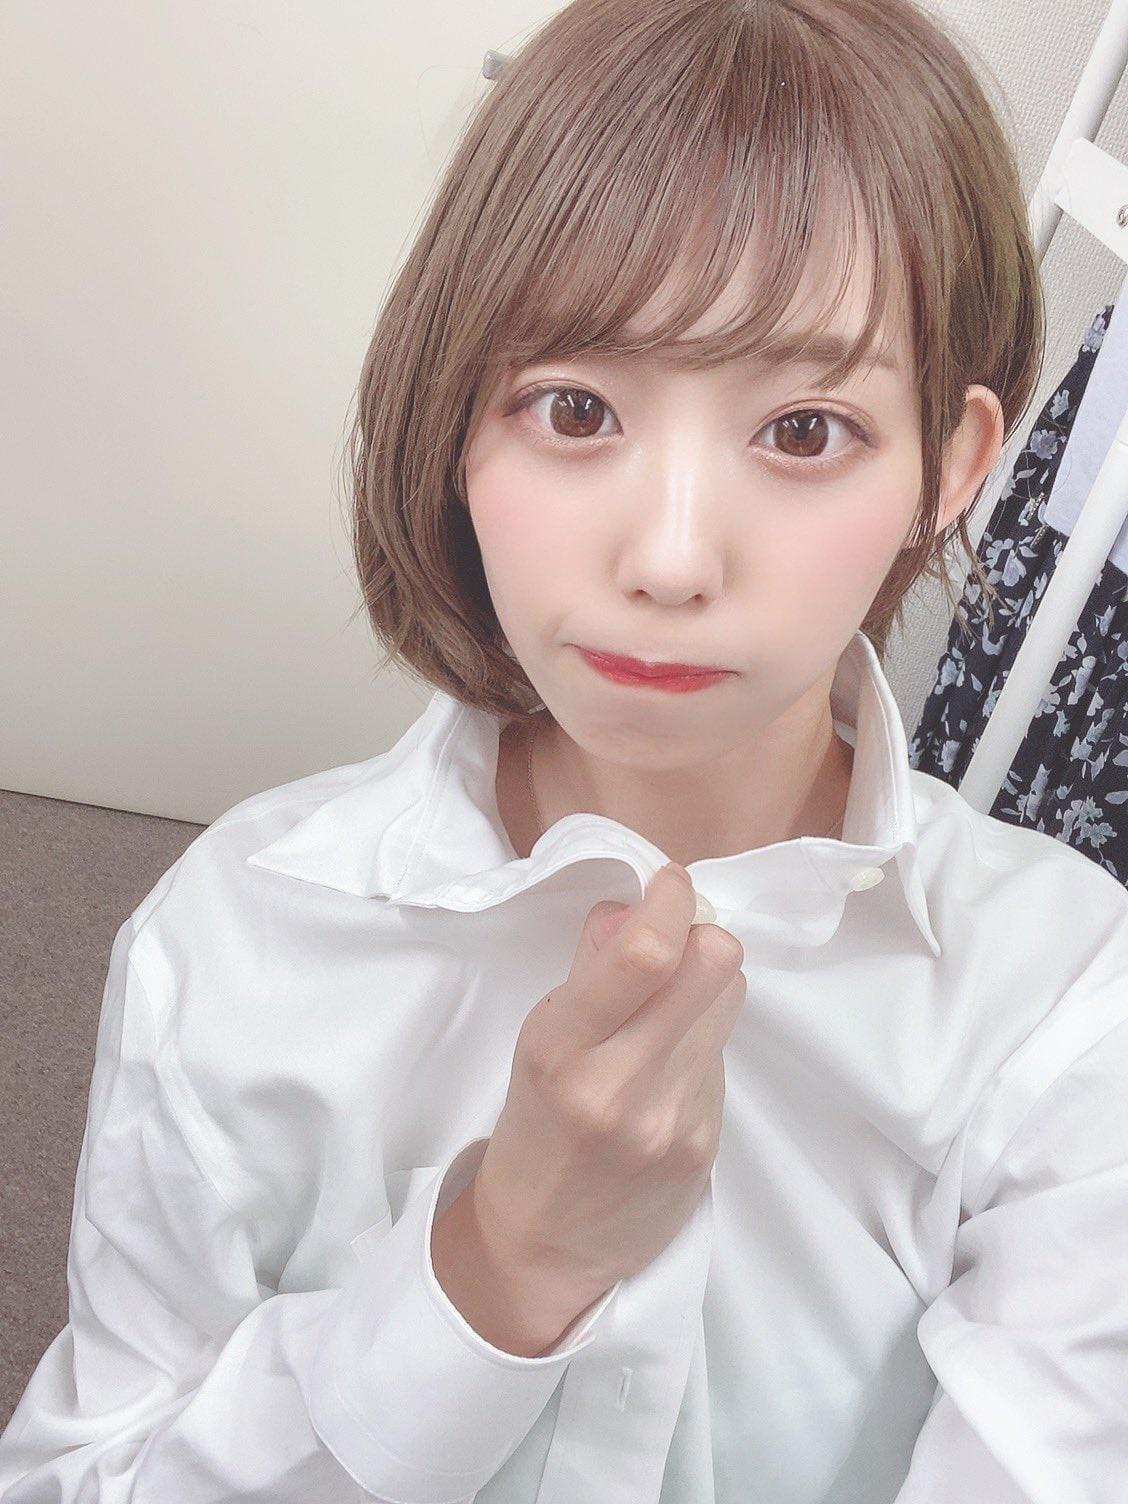 元NMB48山岸奈津美「彼氏ワイシャツ風」水着ショットを披露に称賛【画像4枚】の画像001